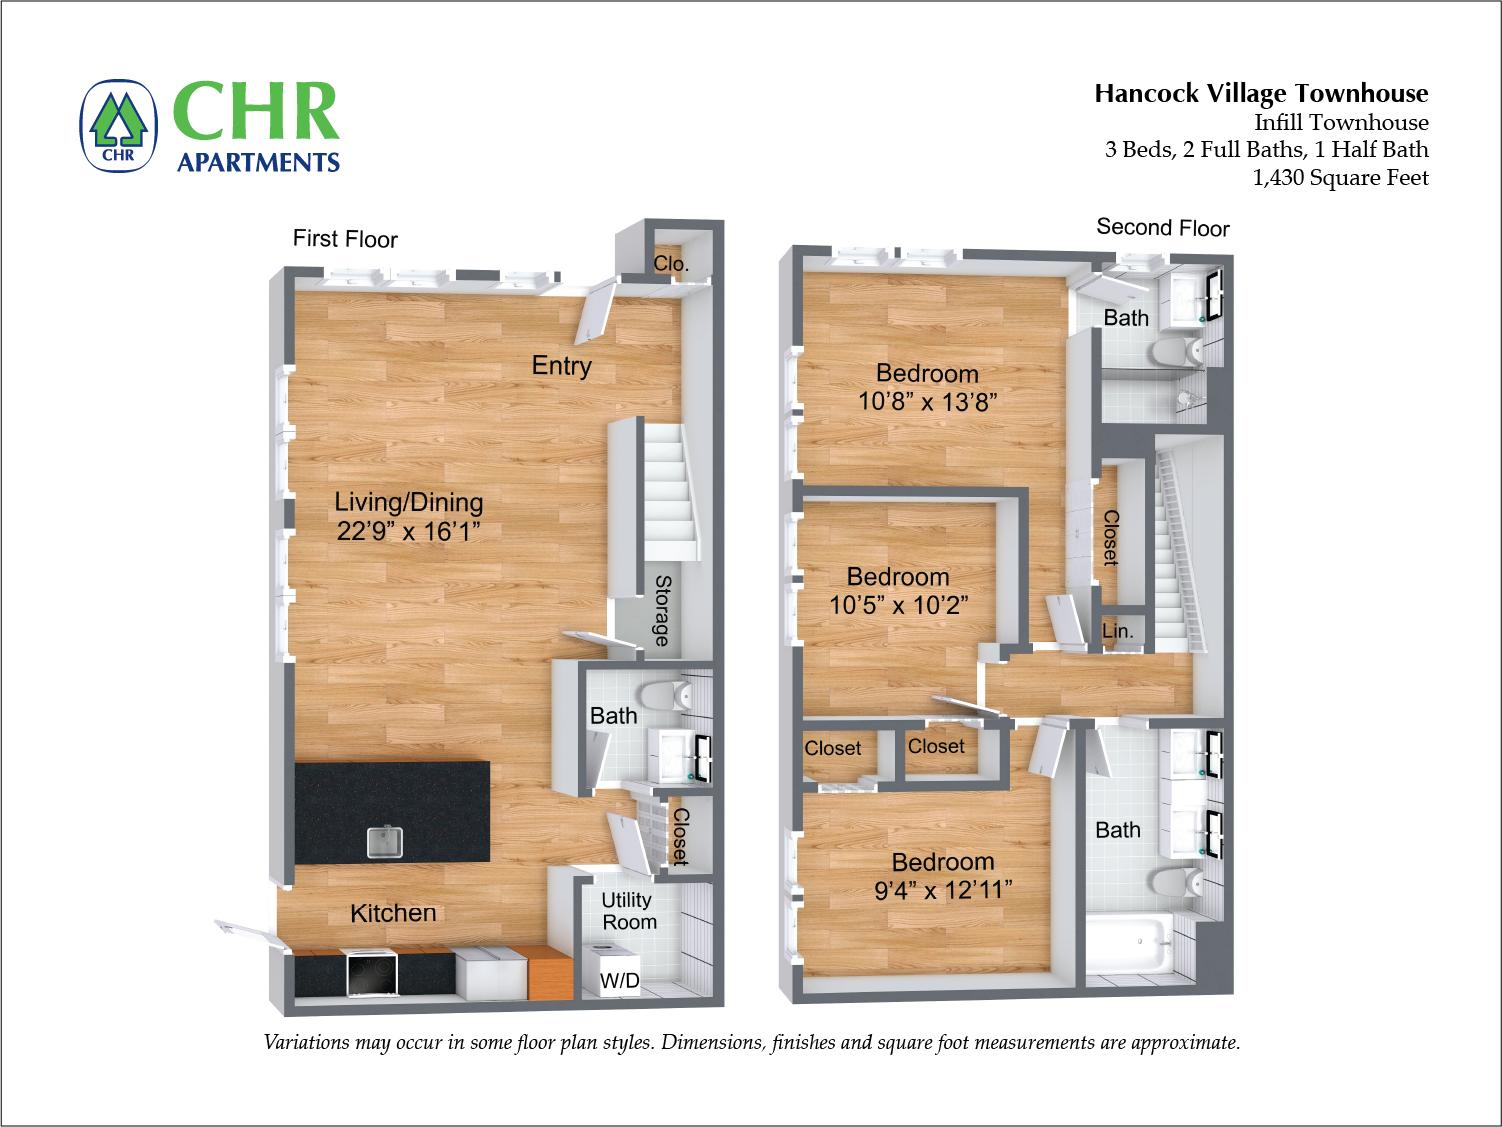 Floor plan Arlington NEW Deluxe Townhome - 3 Bed/2.5 Bath image 2